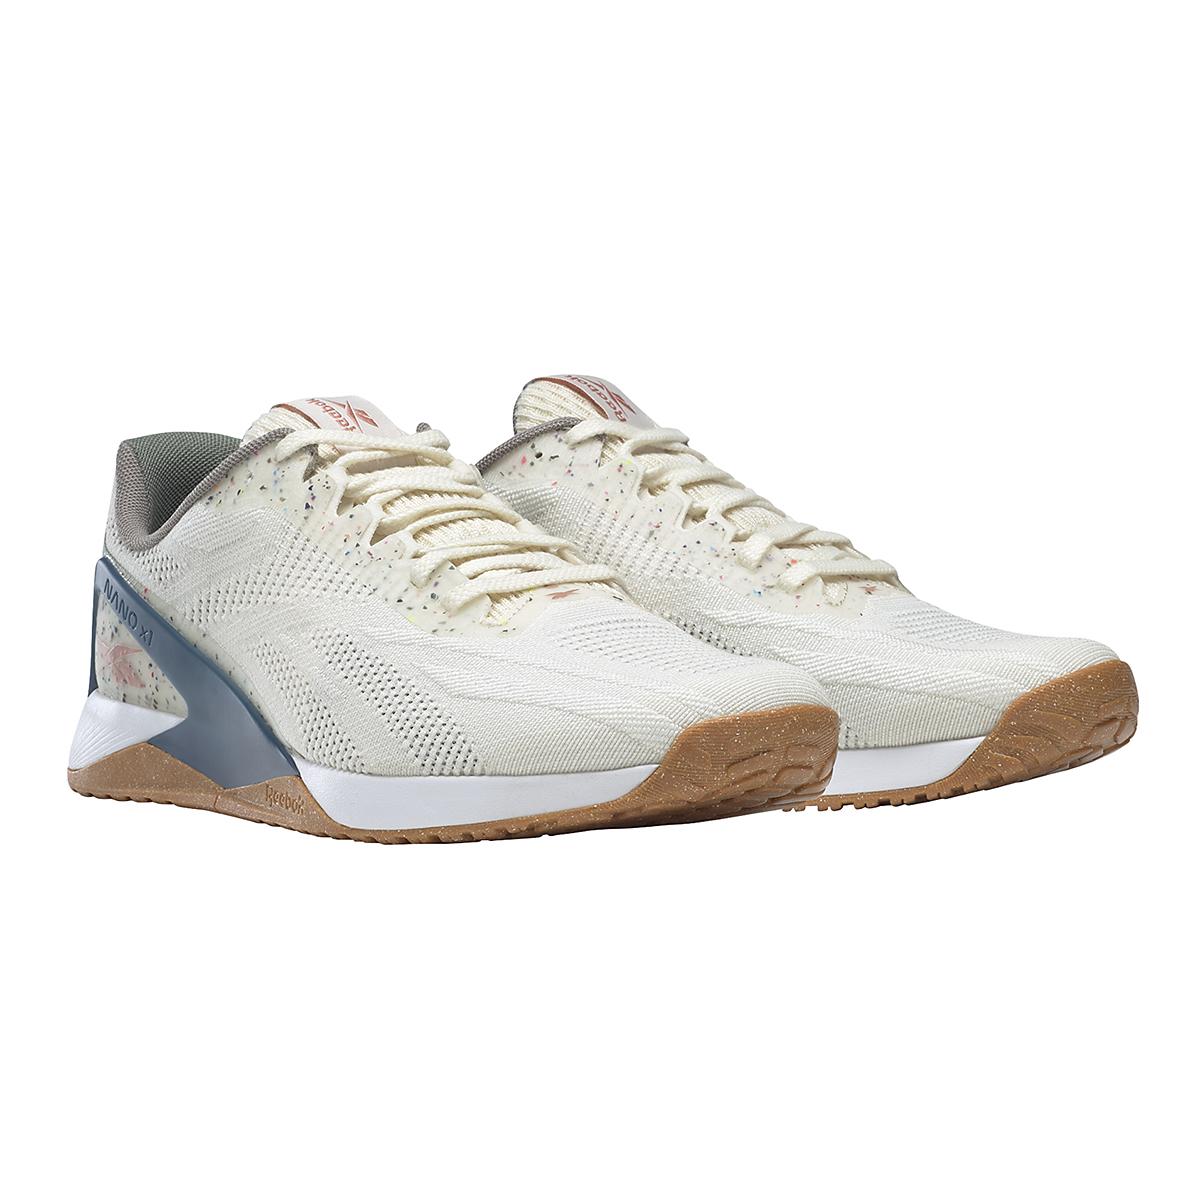 Men's Reebok Nano X1 Vegan Training Shoe - Color: Classic White/Harmony Green/Brave Blue - Size: 7.5 - Width: Regular, Classic White/Harmony Green/Brave Blue, large, image 3